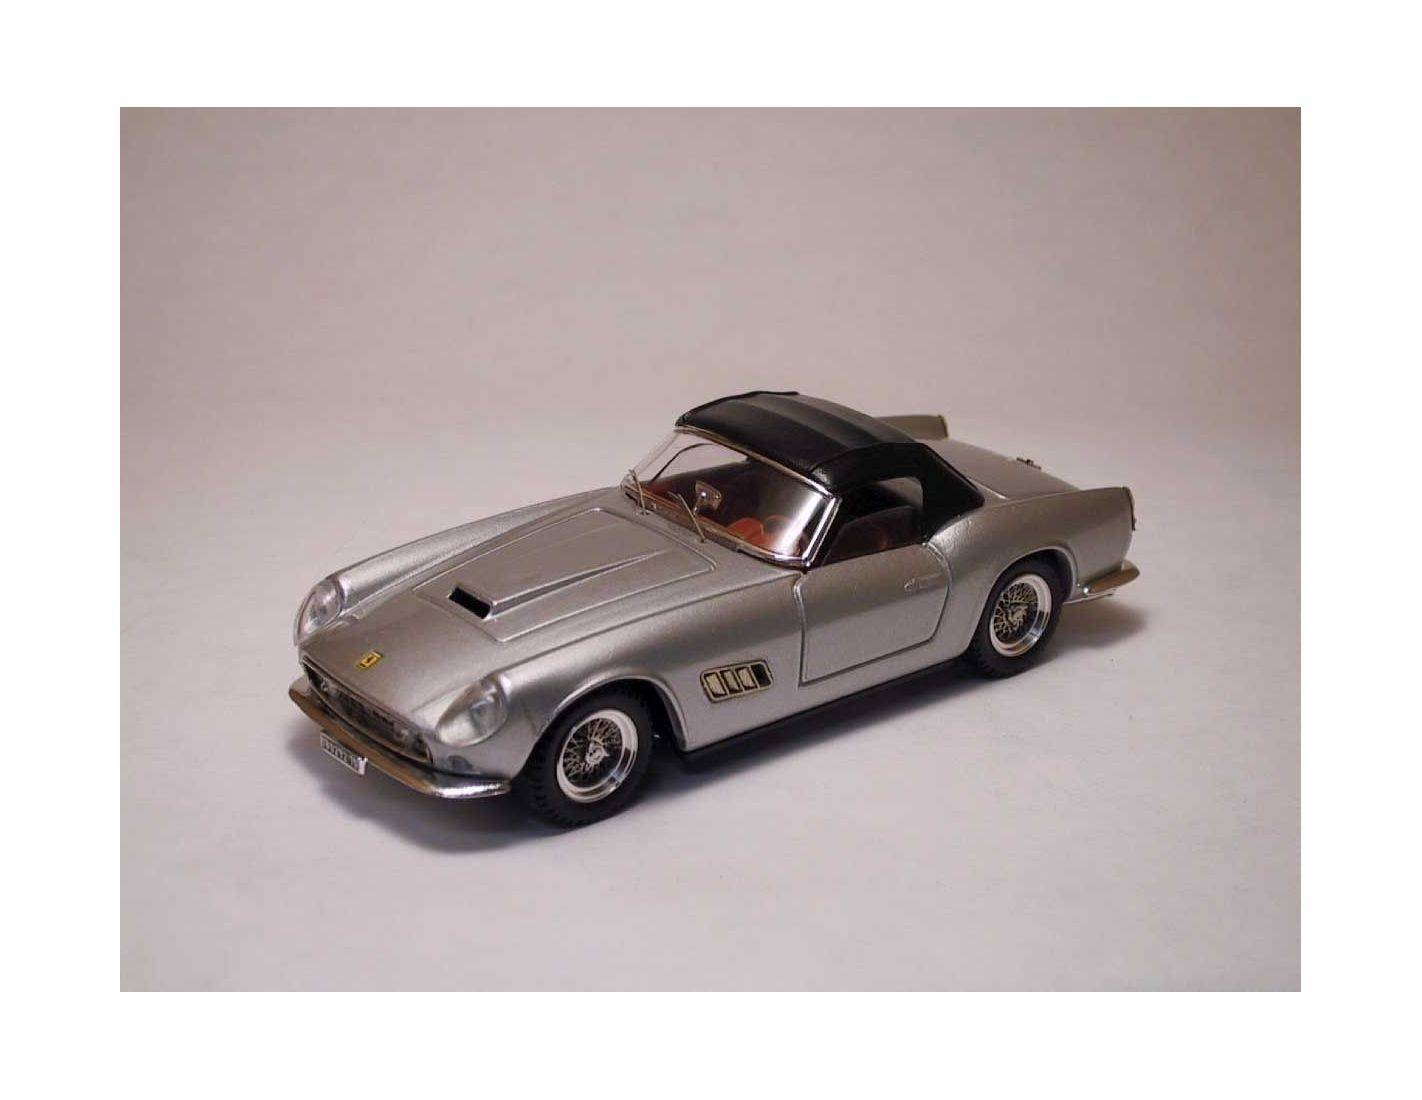 Art Model AM0085 FERRARI 250 CALIFORNIA 1957 SOFT TOP SILVER 1:43 Modellino